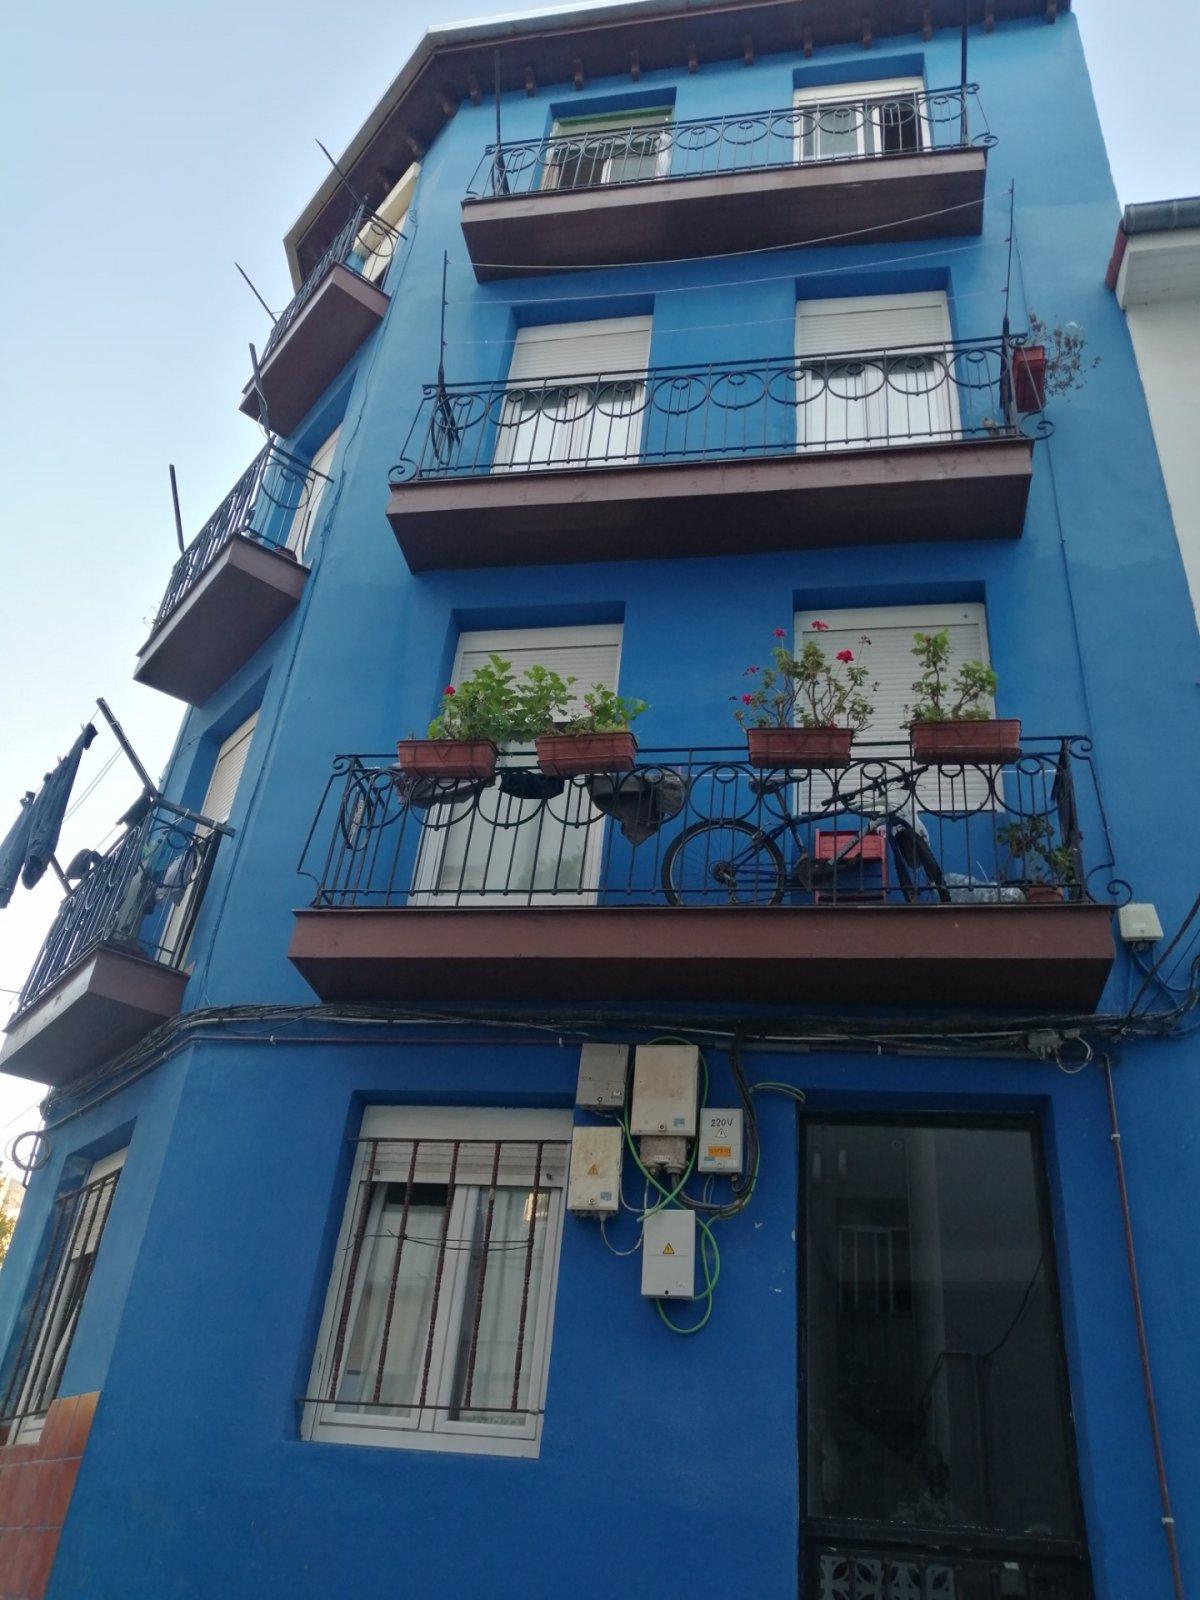 Piso en venta en Santander  de 2 Habitaciones, 1 Baño y 49 m2 por 64.579 €.